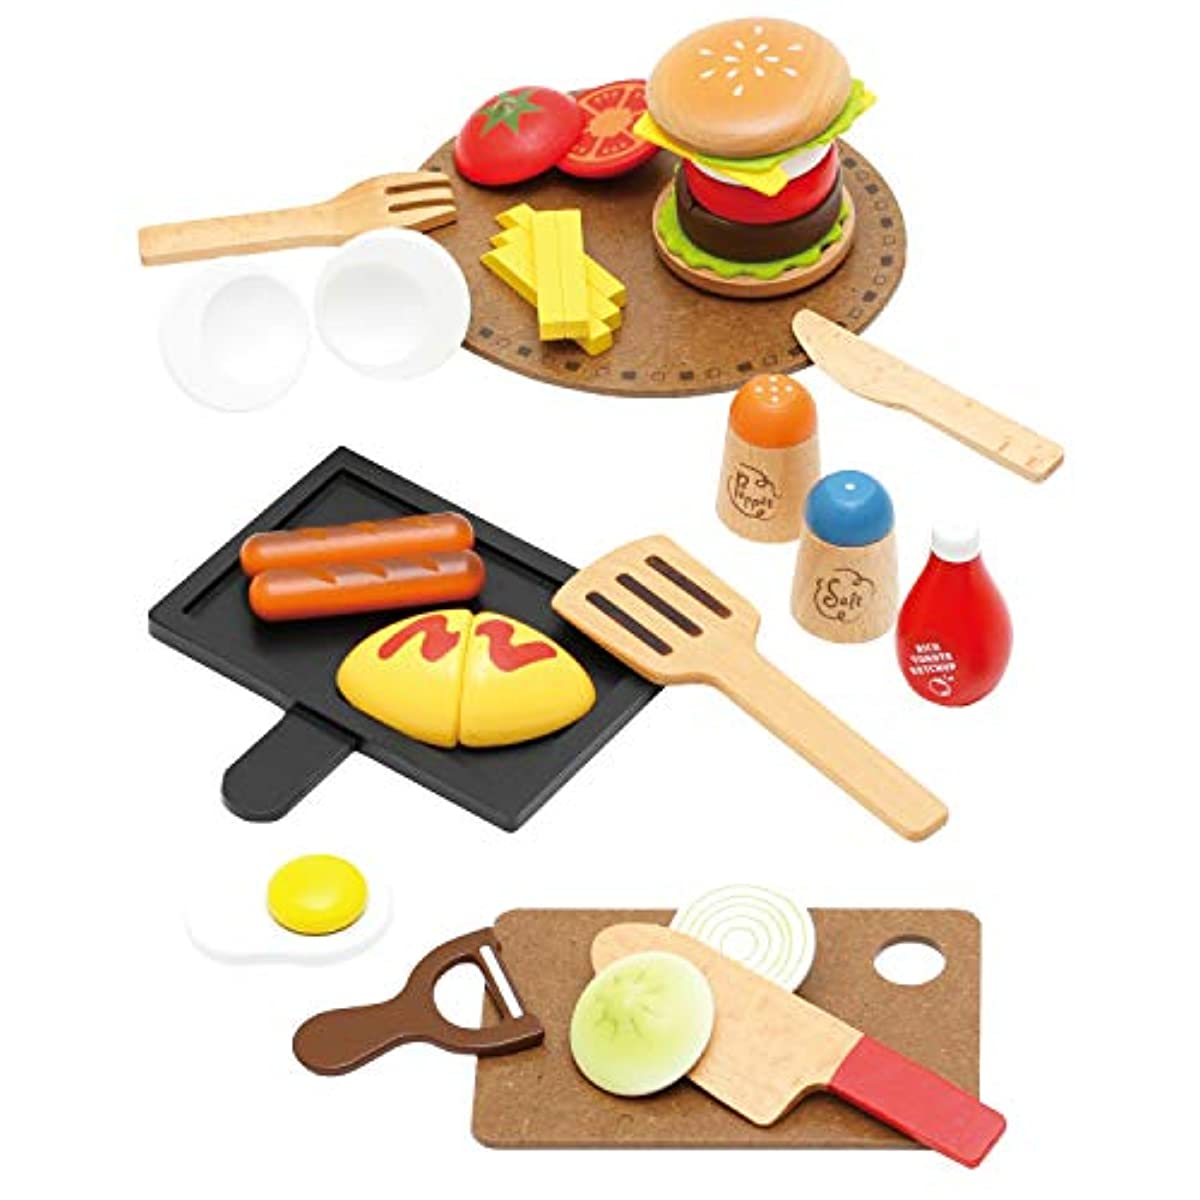 [해외] 【우디푸디직영 한정품】첫 소꿉놀이 양식 가게 세트DX 소꿉놀이 마그넷 목제 세트 인기 레스토랑 햄버거 해피버스데이 선물